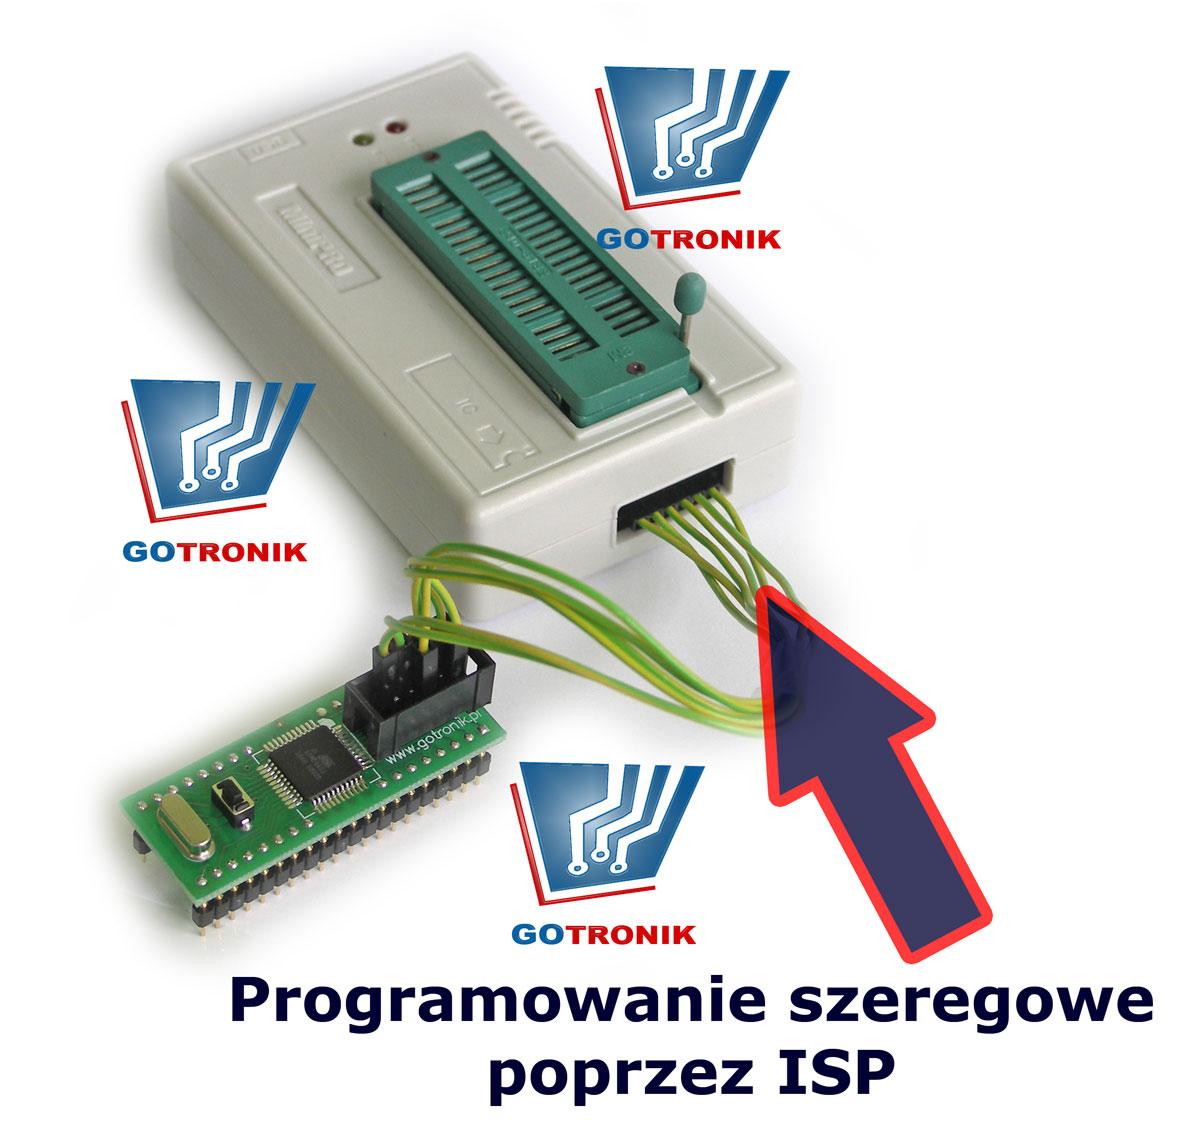 Programowanie szeregowe za pośrednictwem złącza ISP procesra ATmega32